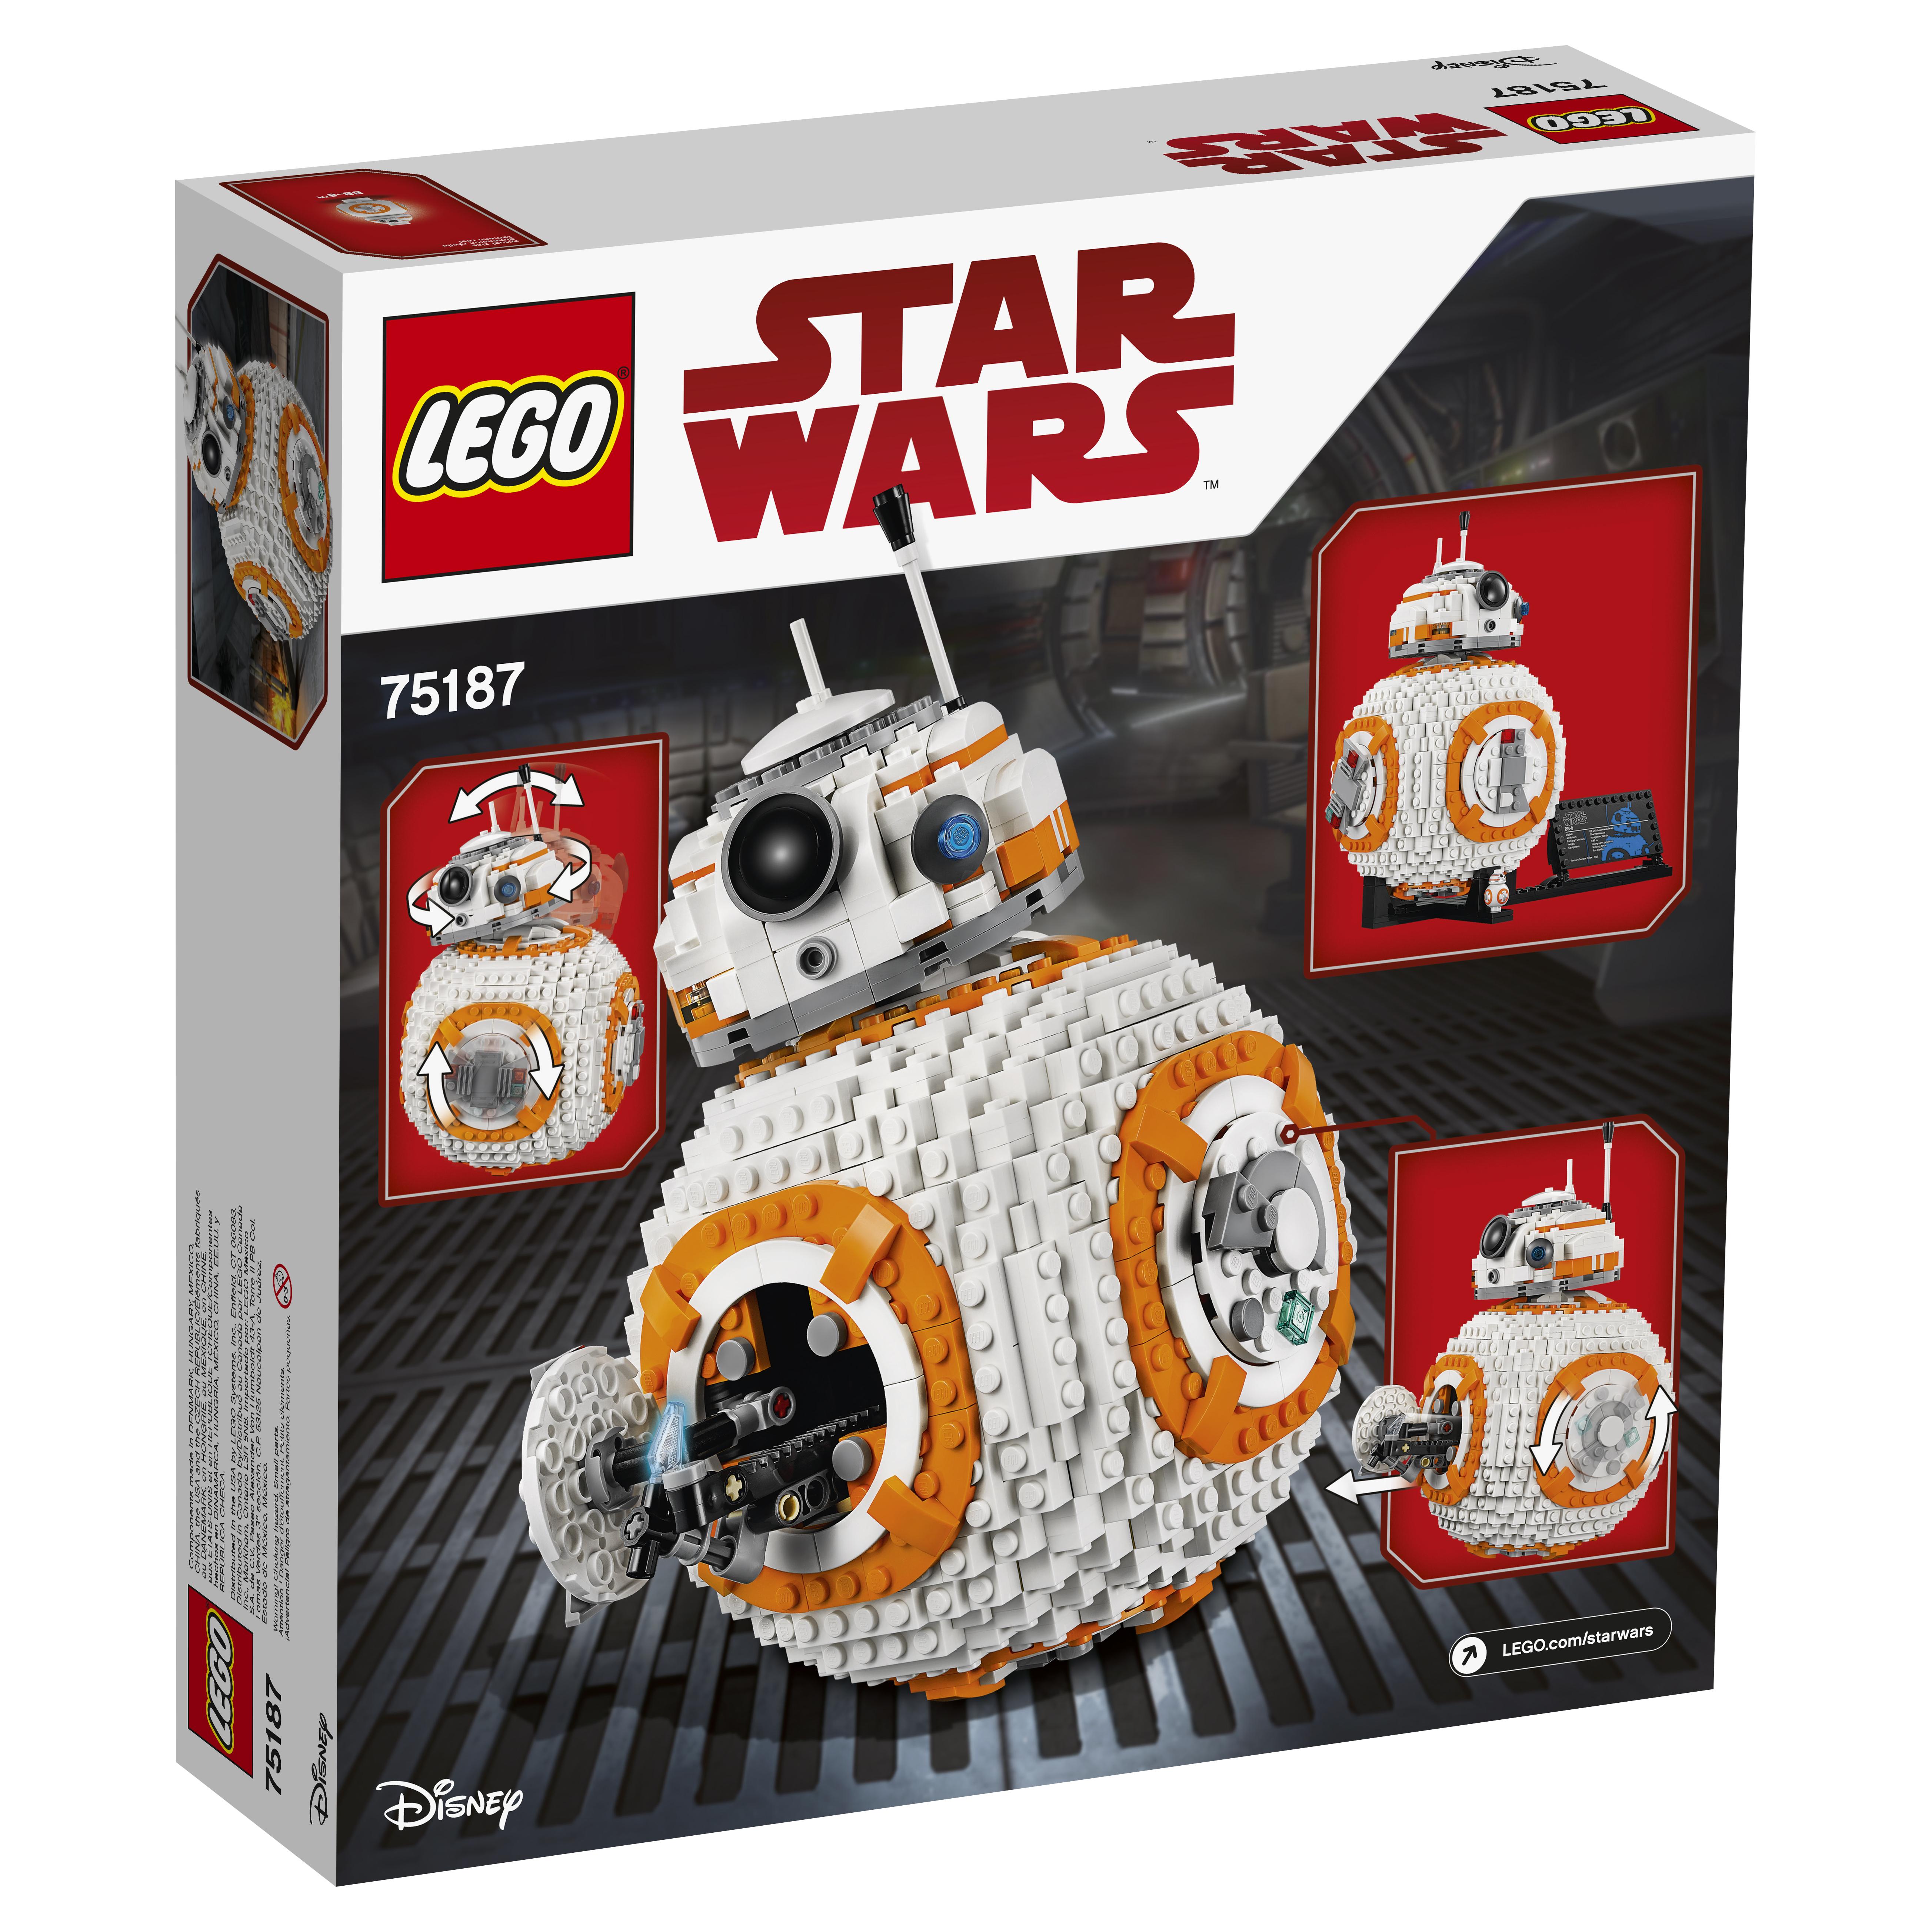 TLJ BB-8 Lego Set 2